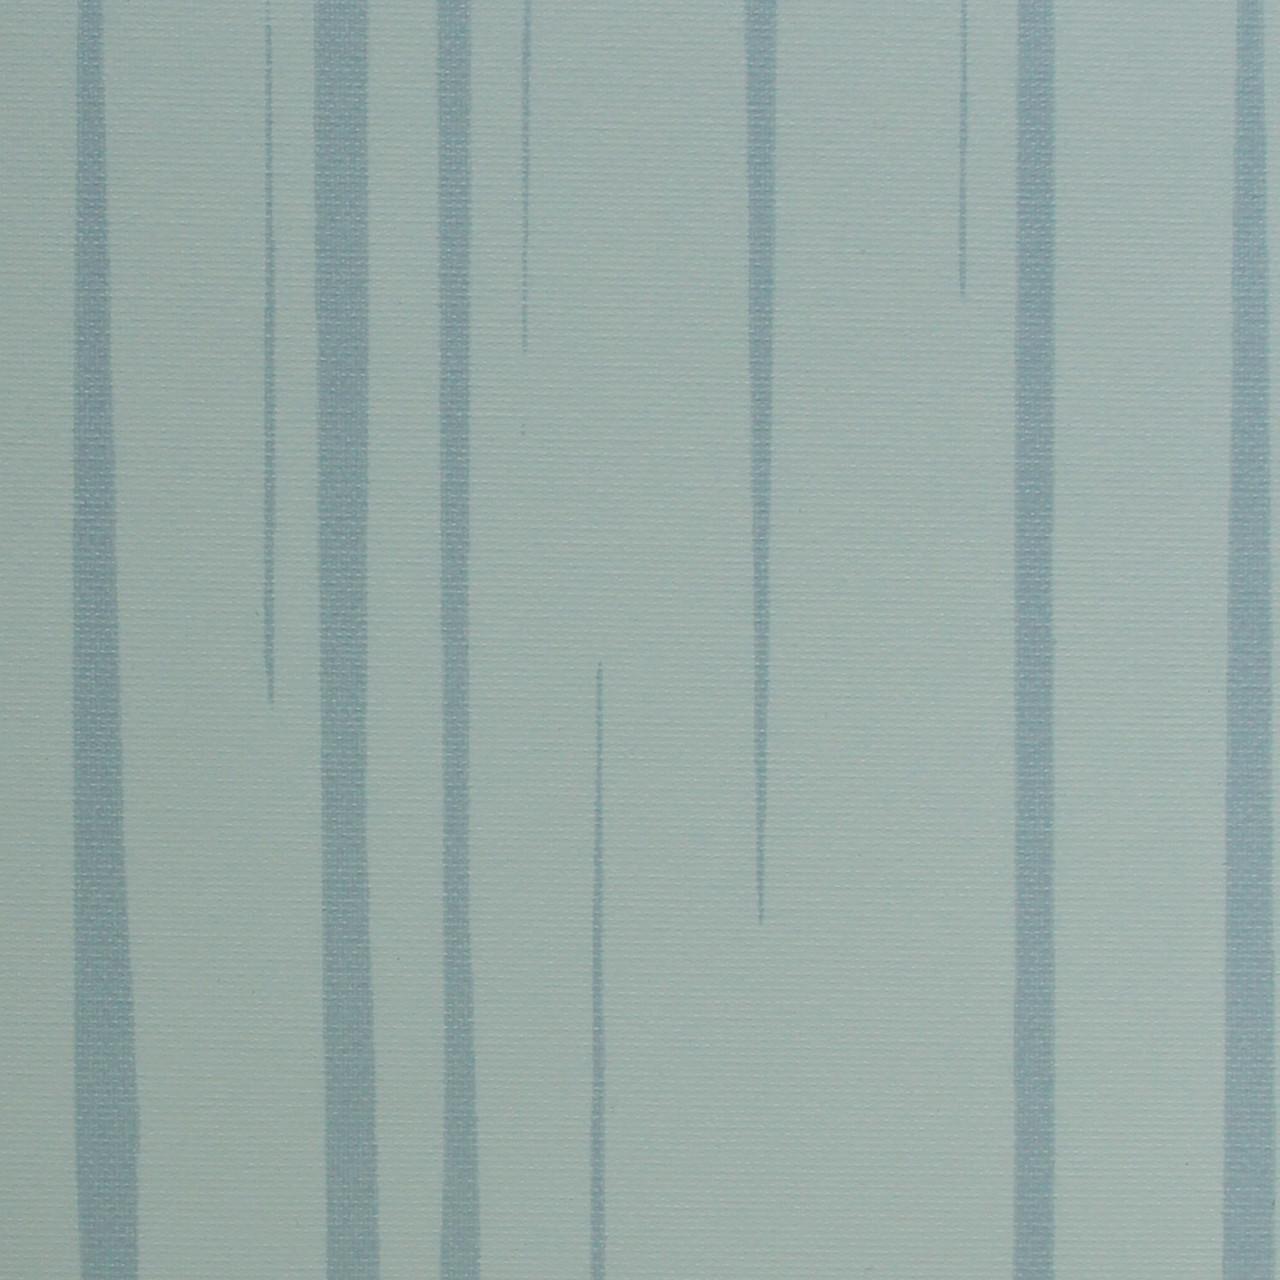 Рулонные шторы Одесса Ткань Аква Голубой